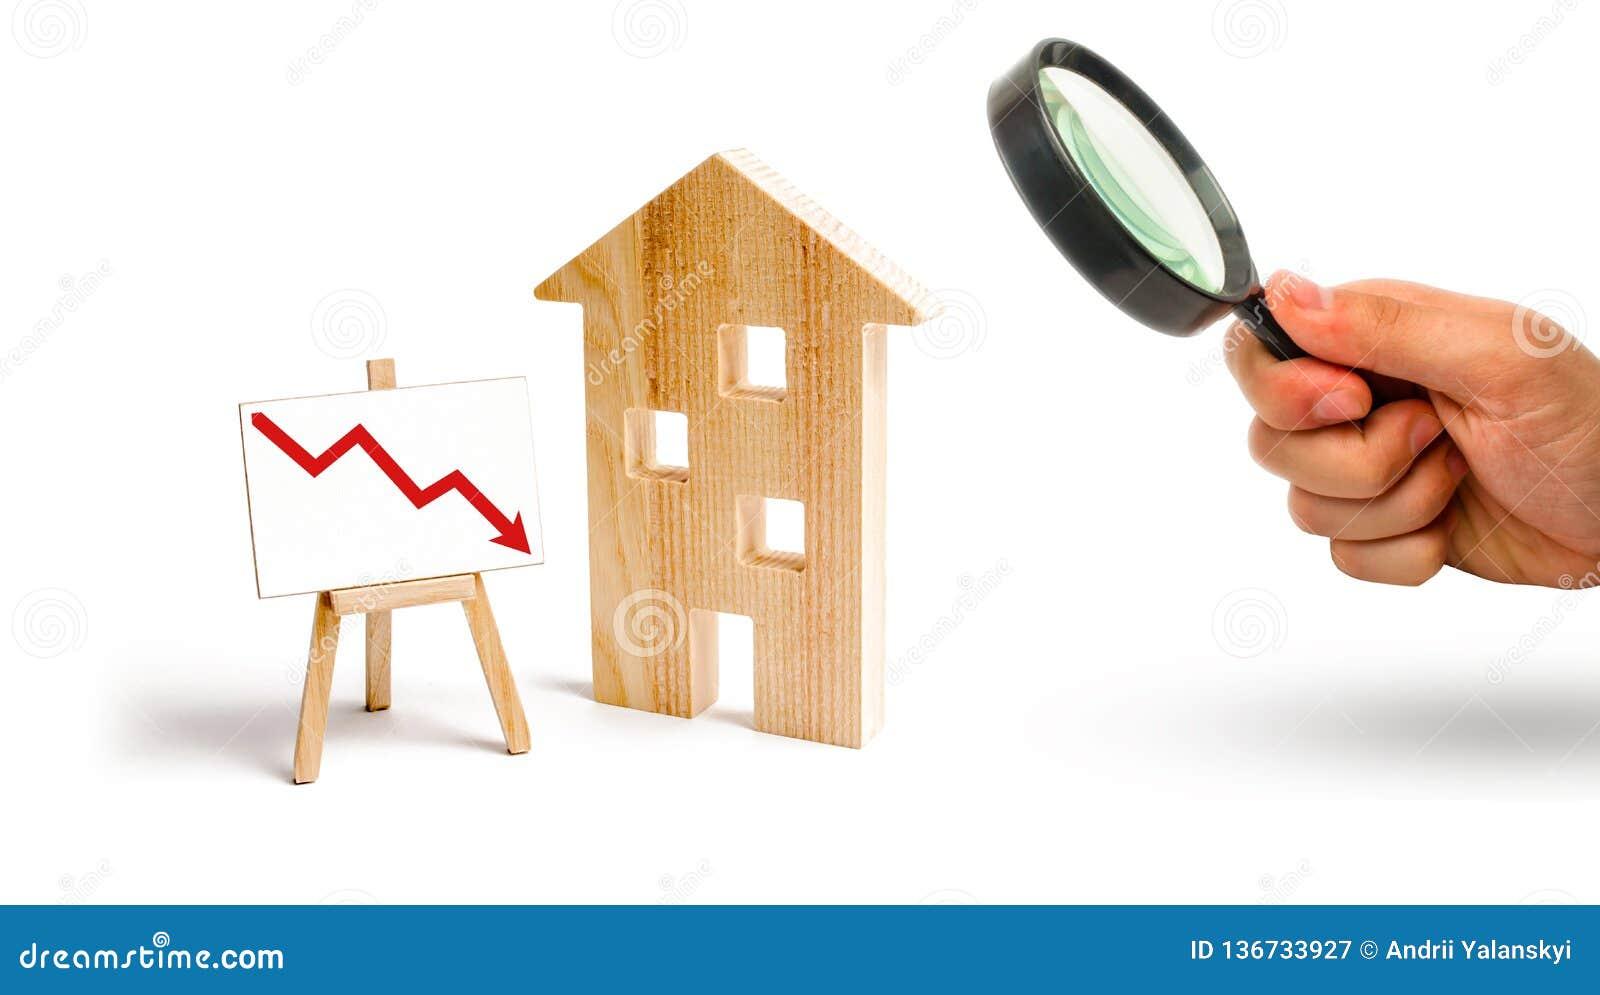 Powiększać - szkło jest przyglądający drewniany dom i czerwieni strzały puszek pojęcie spada ceny i żądanie dla nieruchomości spa